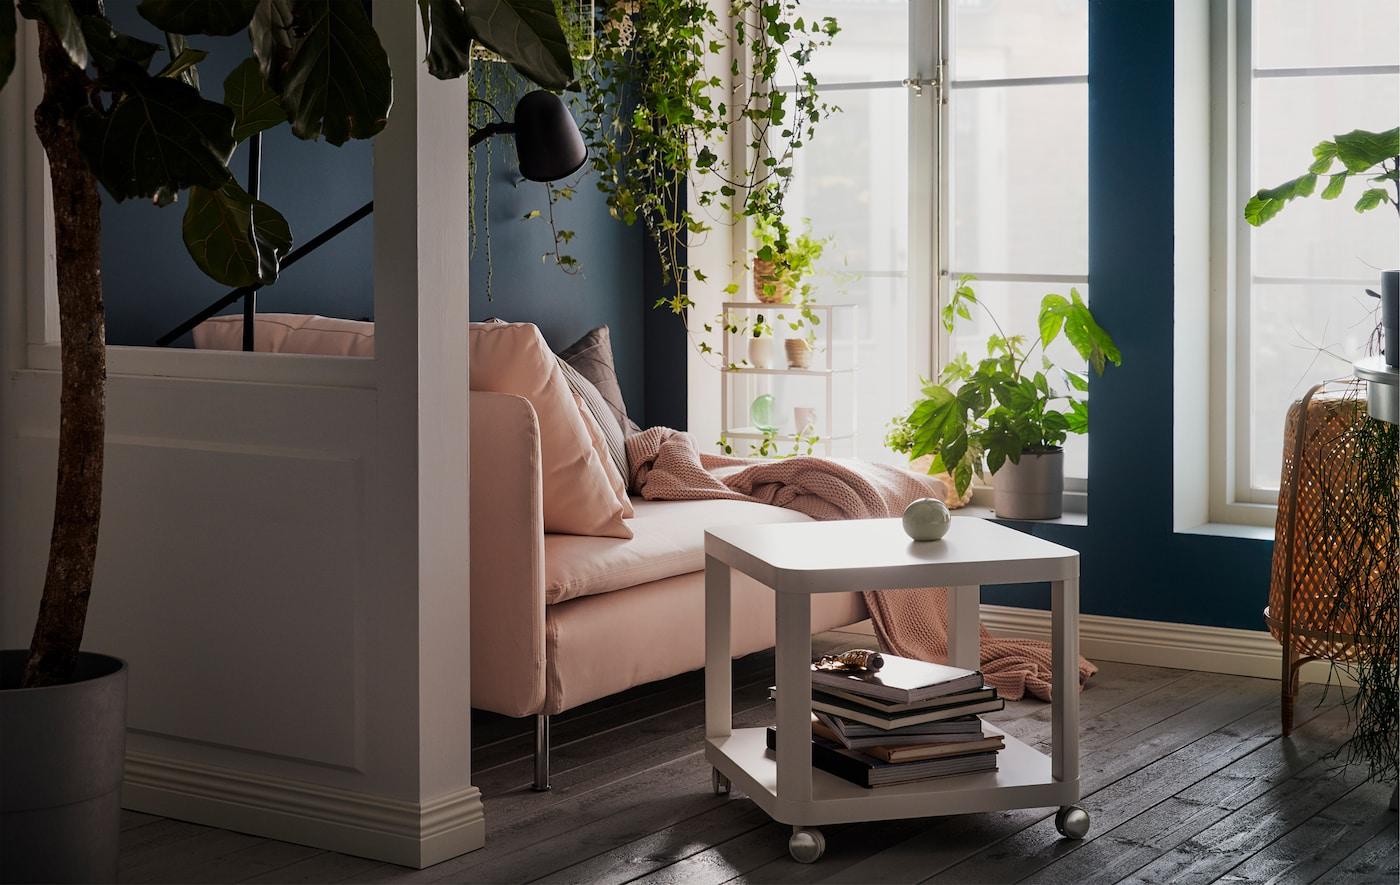 Lenjivac pored osunčanih, visokih prozora. Jastučići, tanko ćebe i lampa za čitanje. Biljke na simsu, u visećem položaju i na zidnim policama.